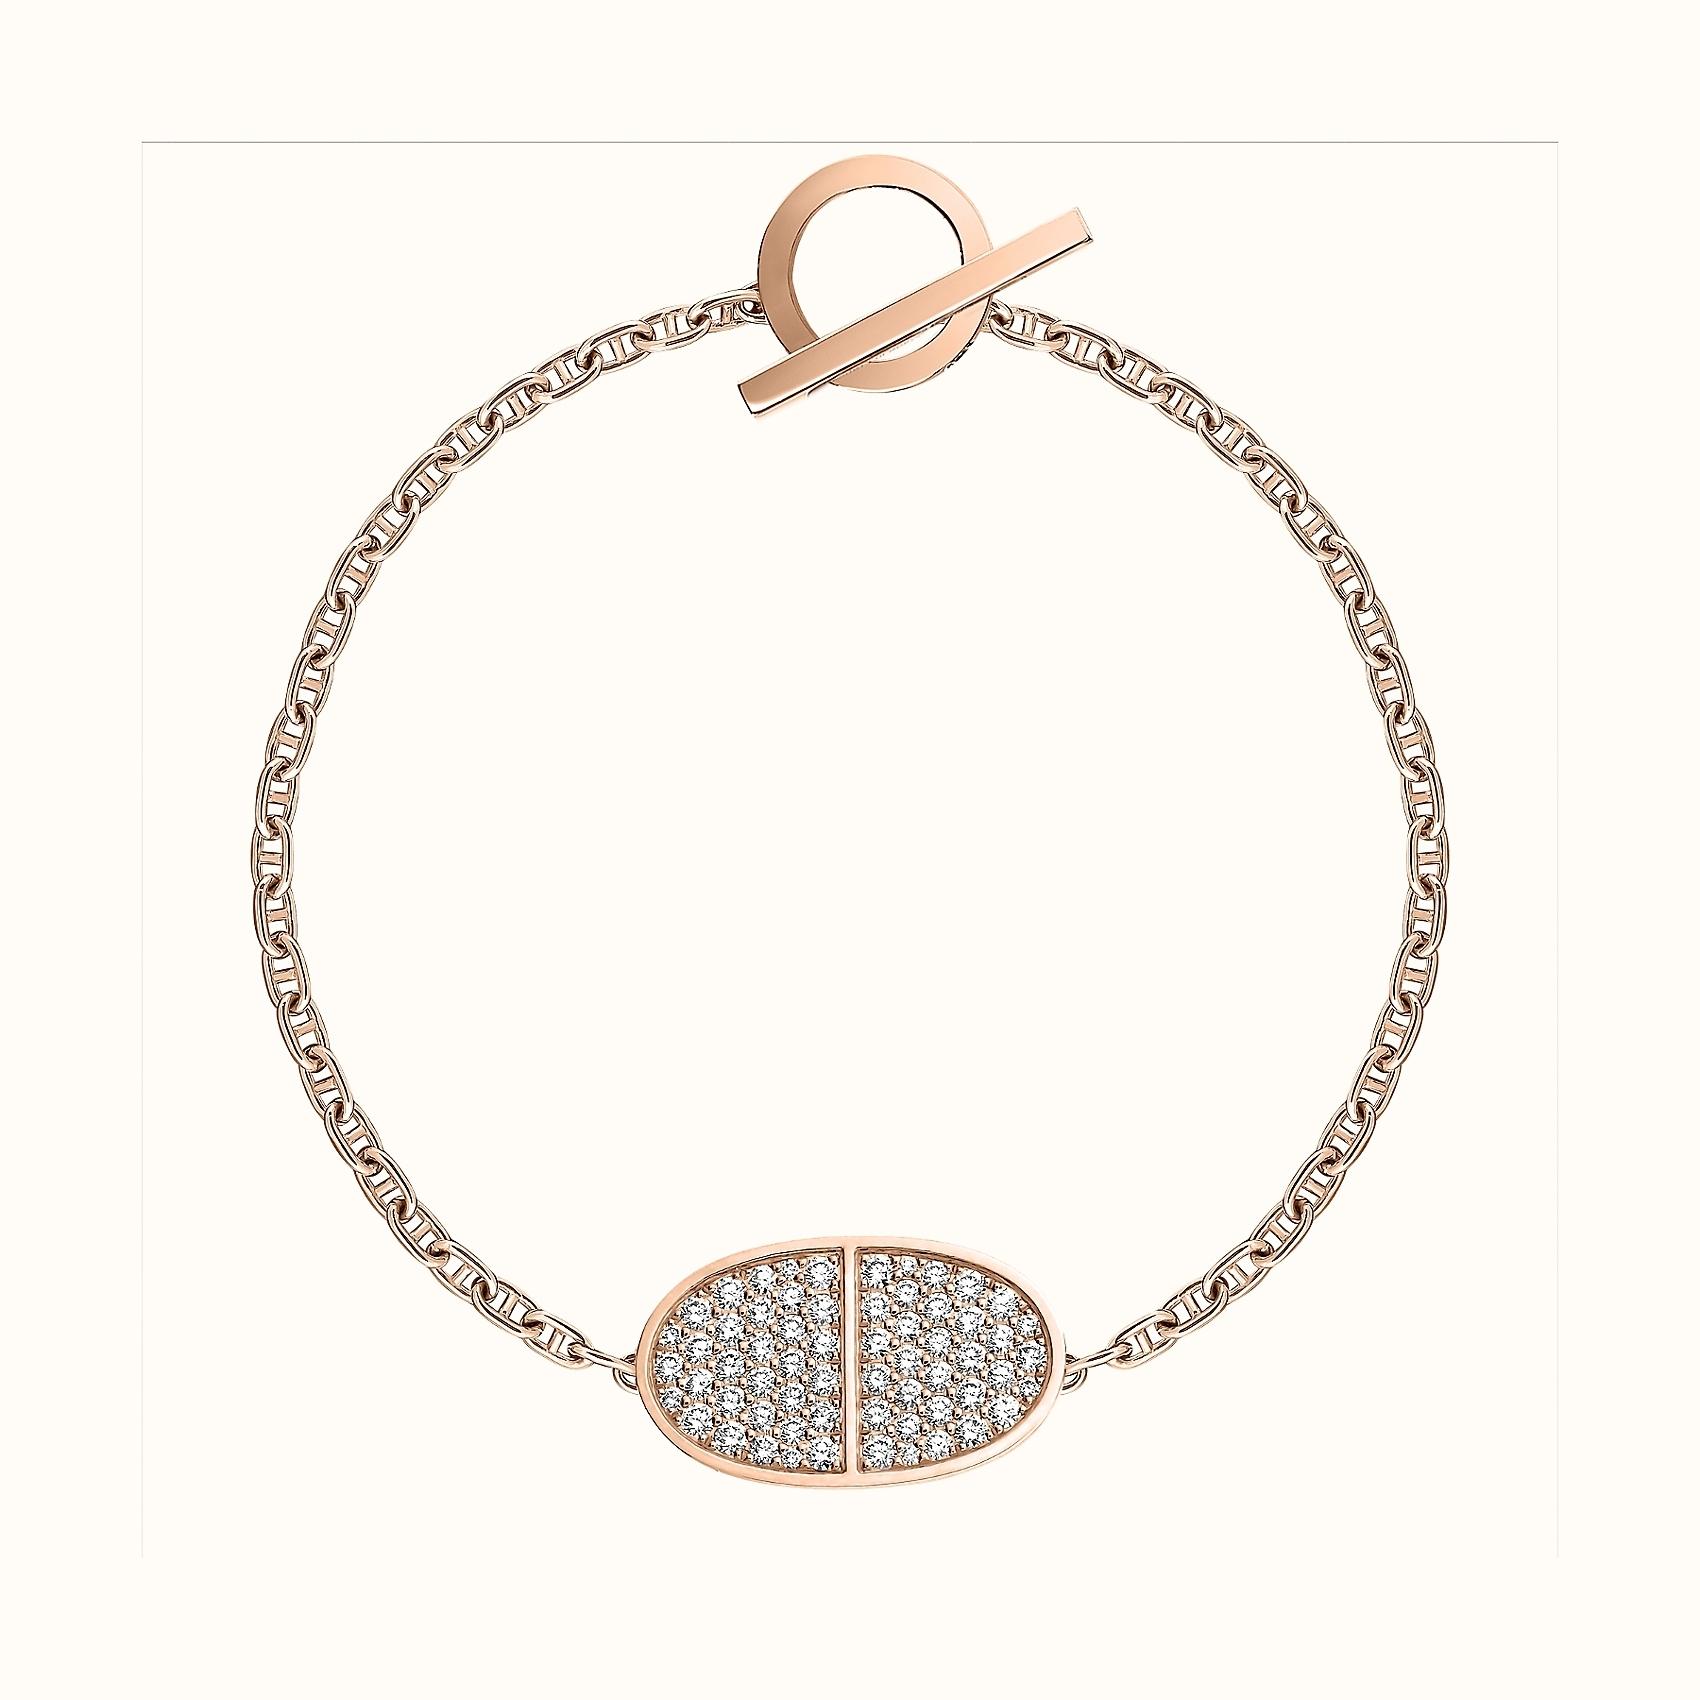 shop pierre herme paris accessories